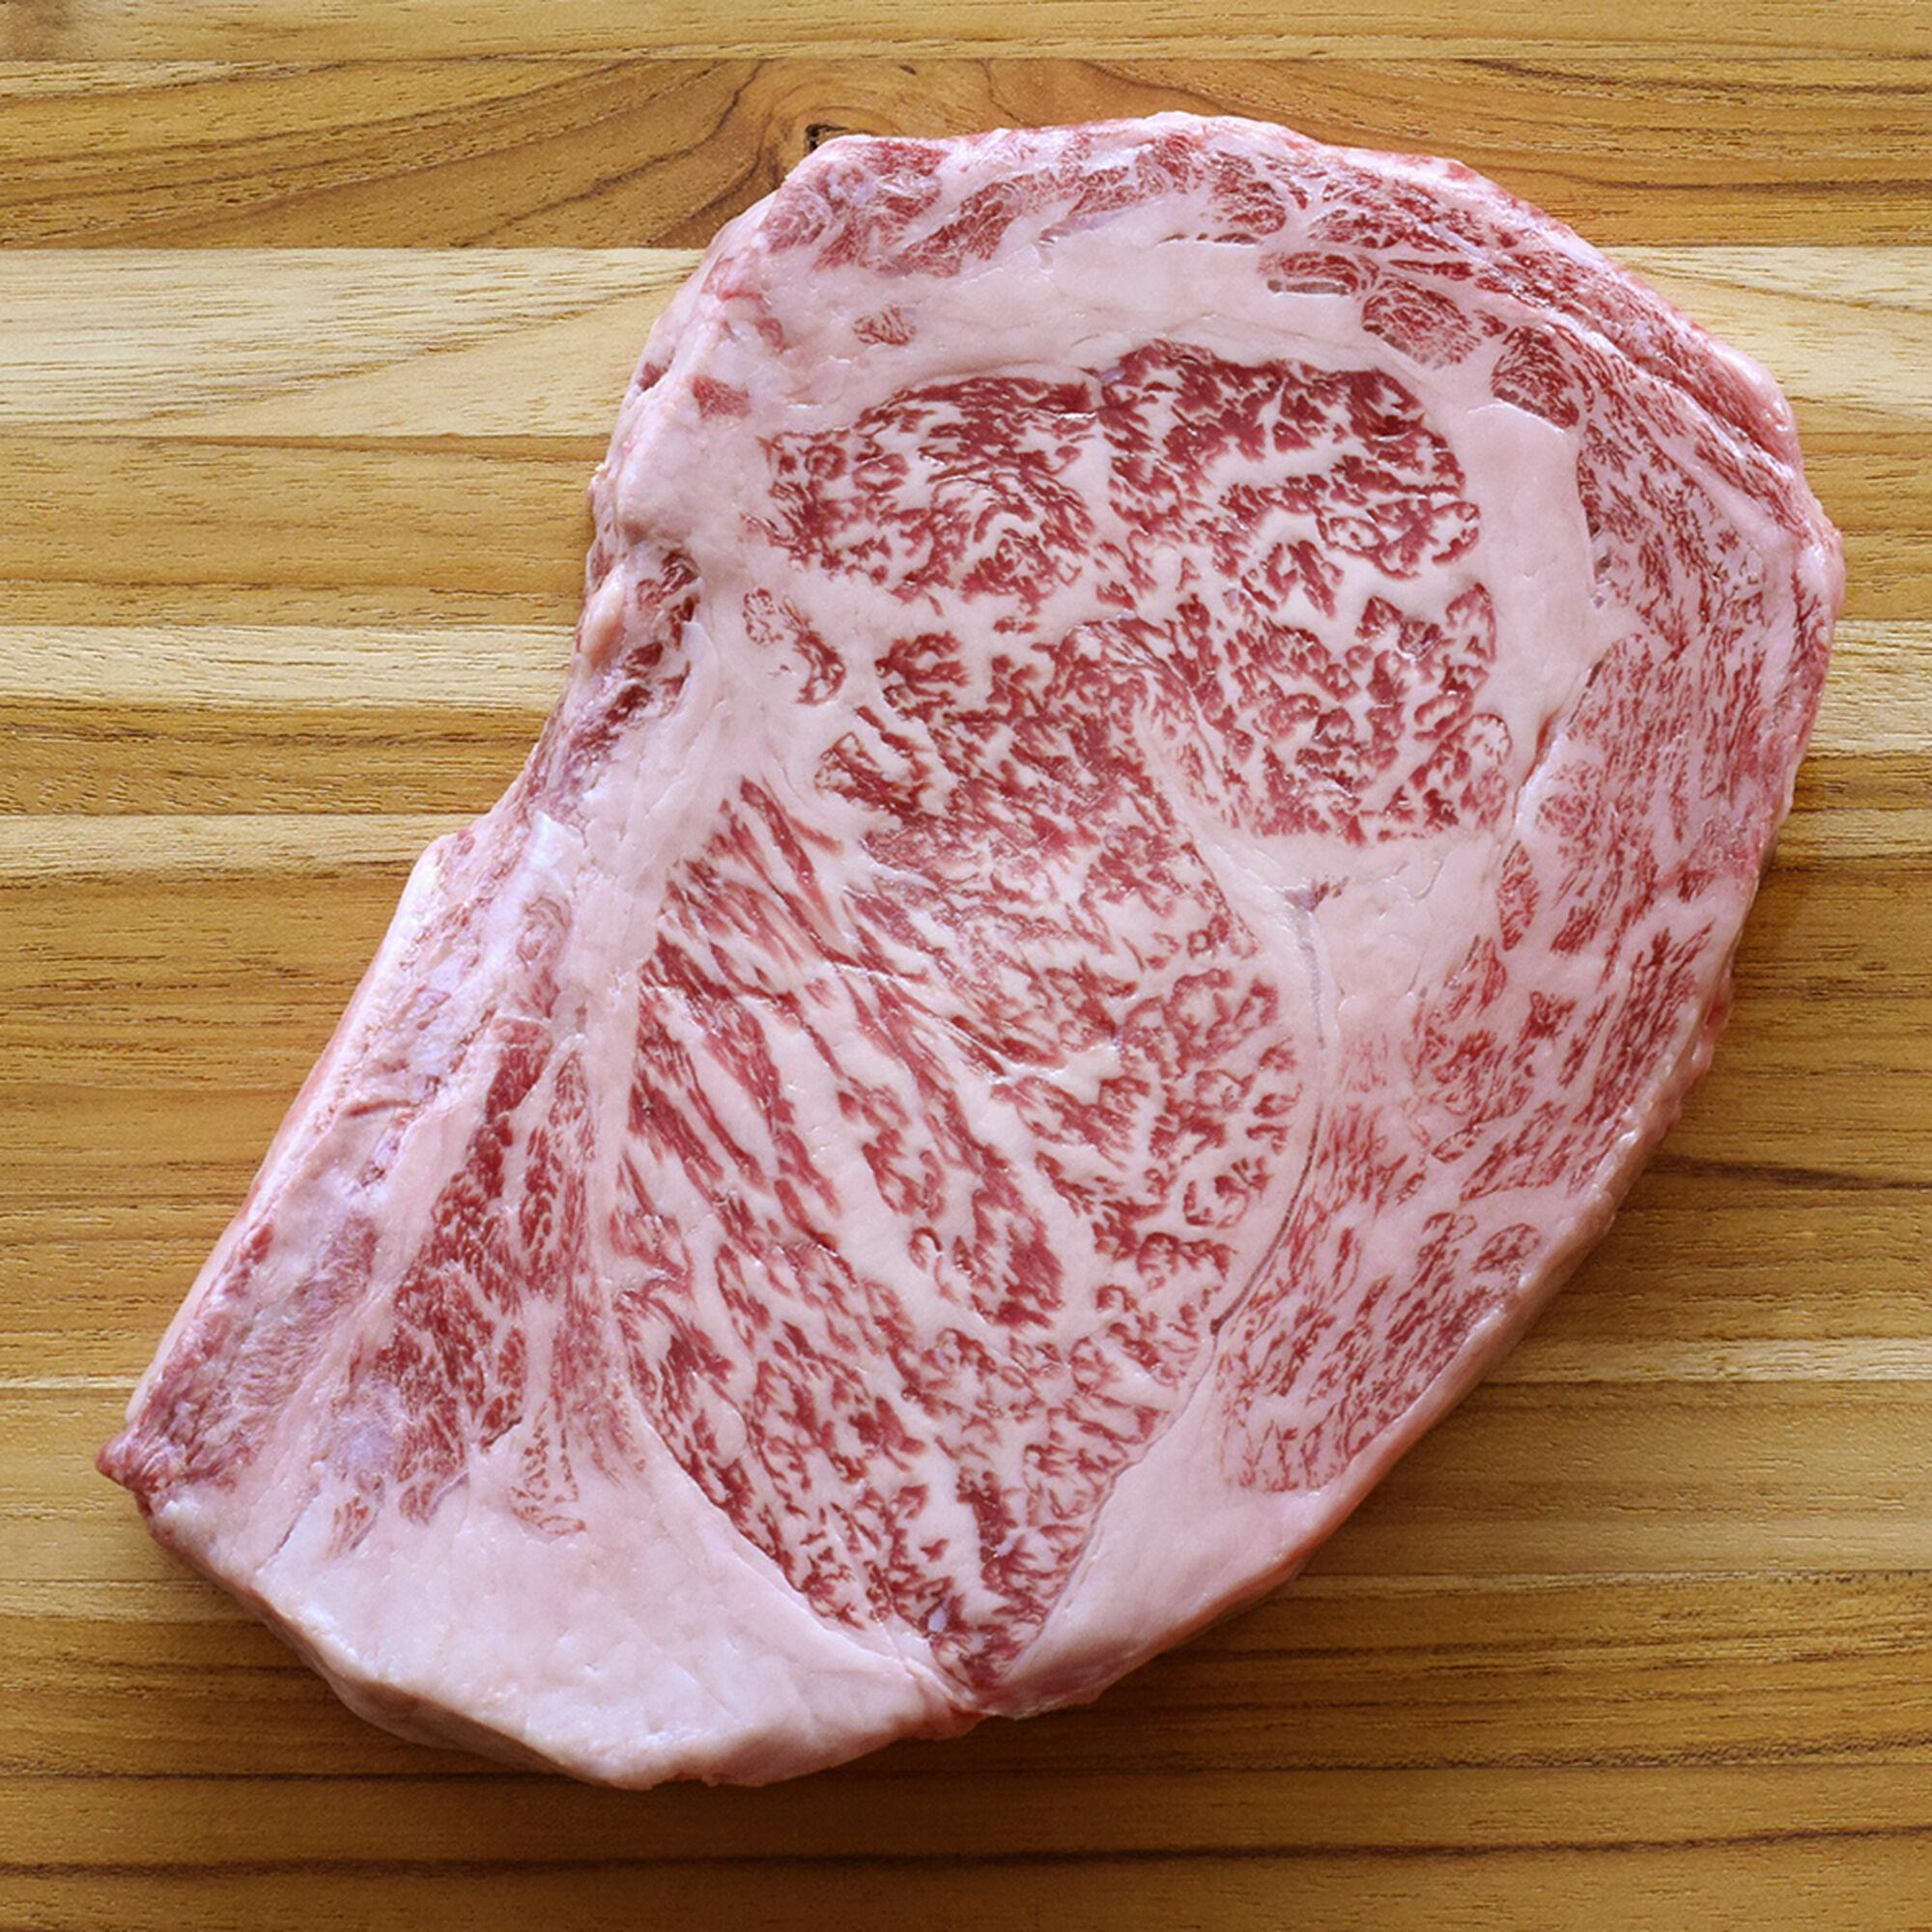 A5-Wagyu-Steak